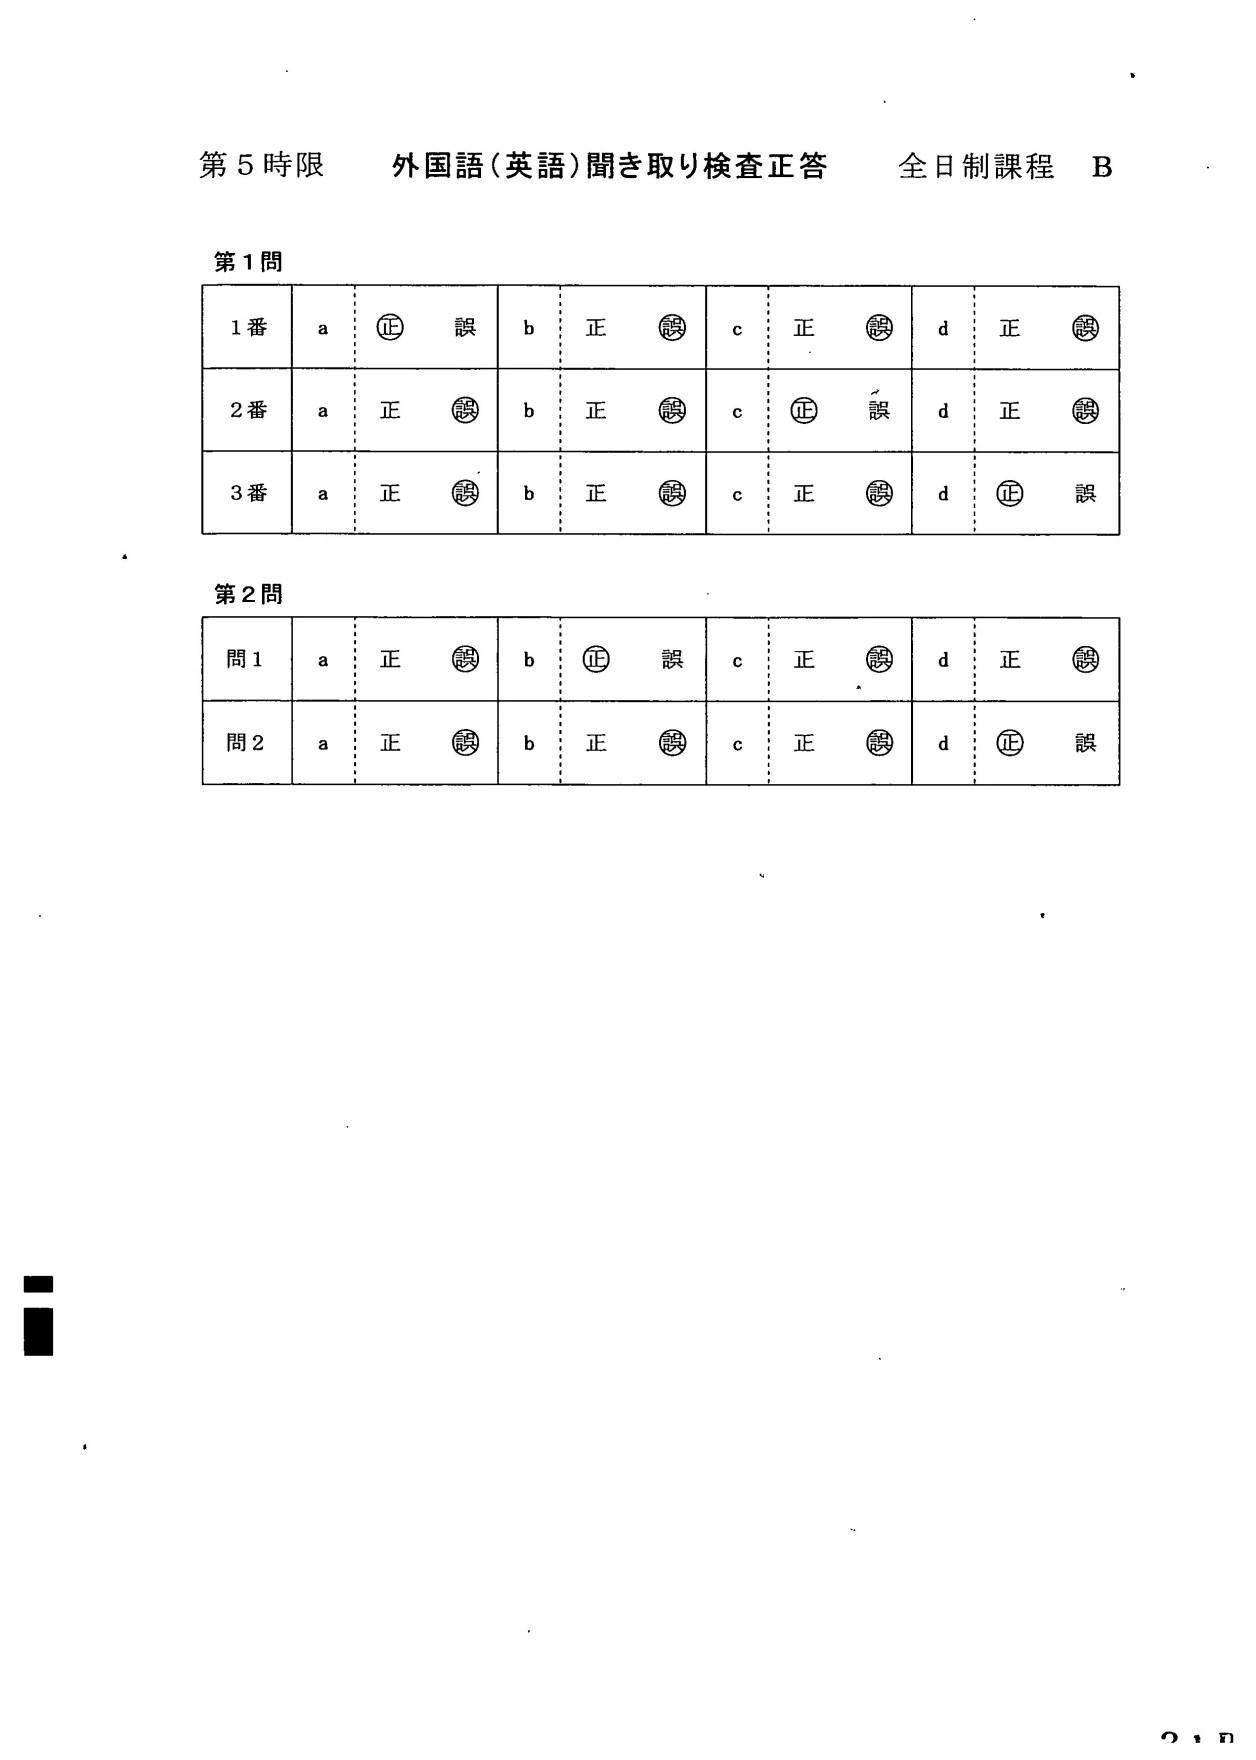 2019愛知県公立B英語リスニング模範解答